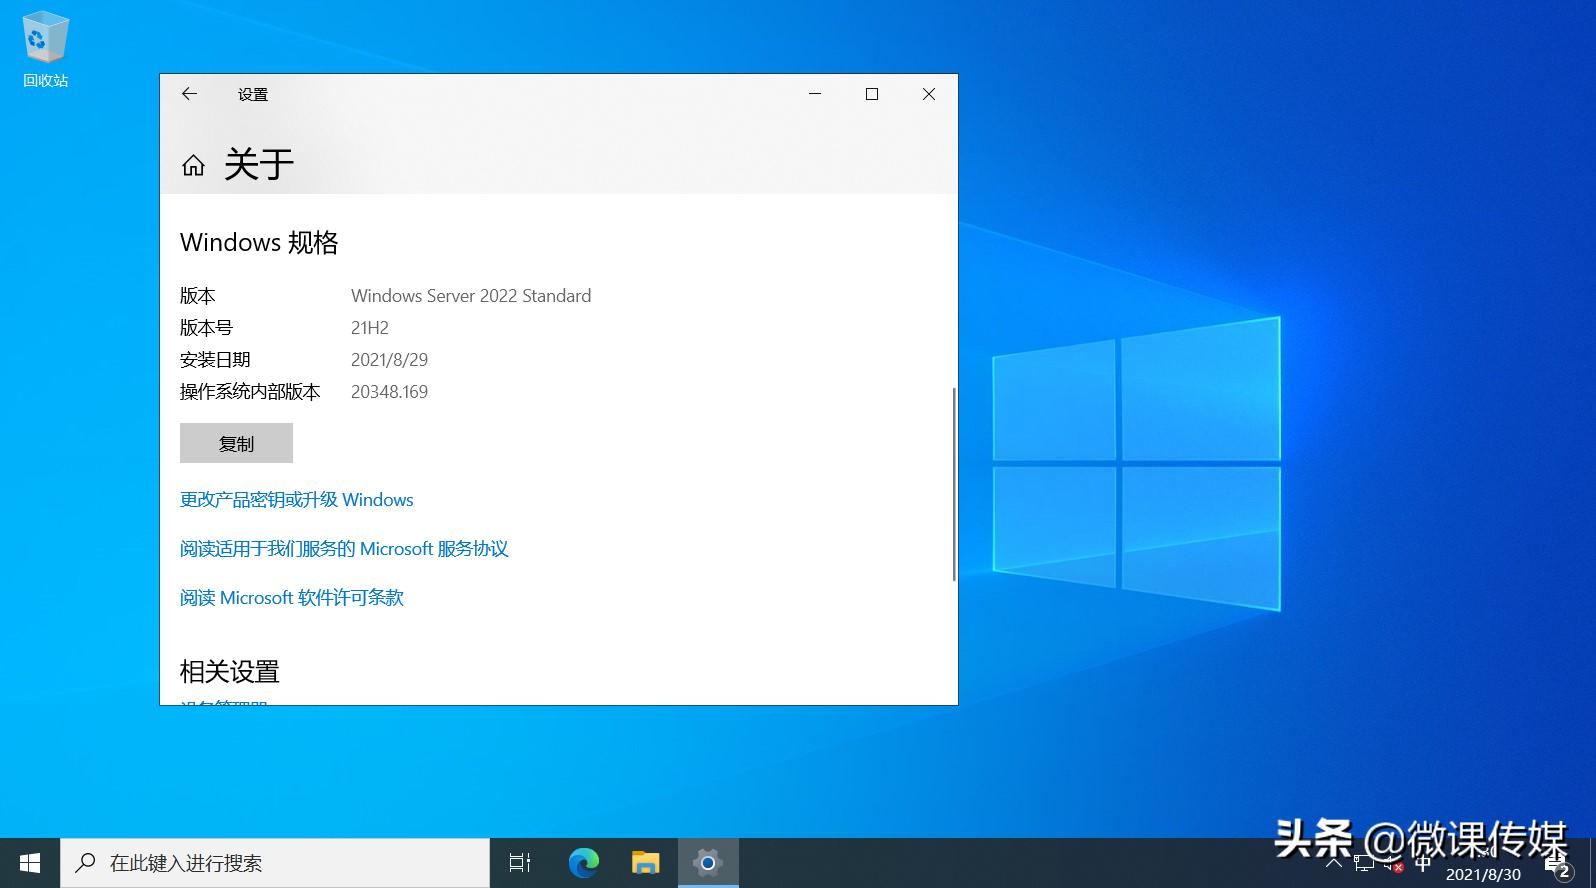 微软发布最新服务器操作系统Windows Server 2022 RTM,可下载体验